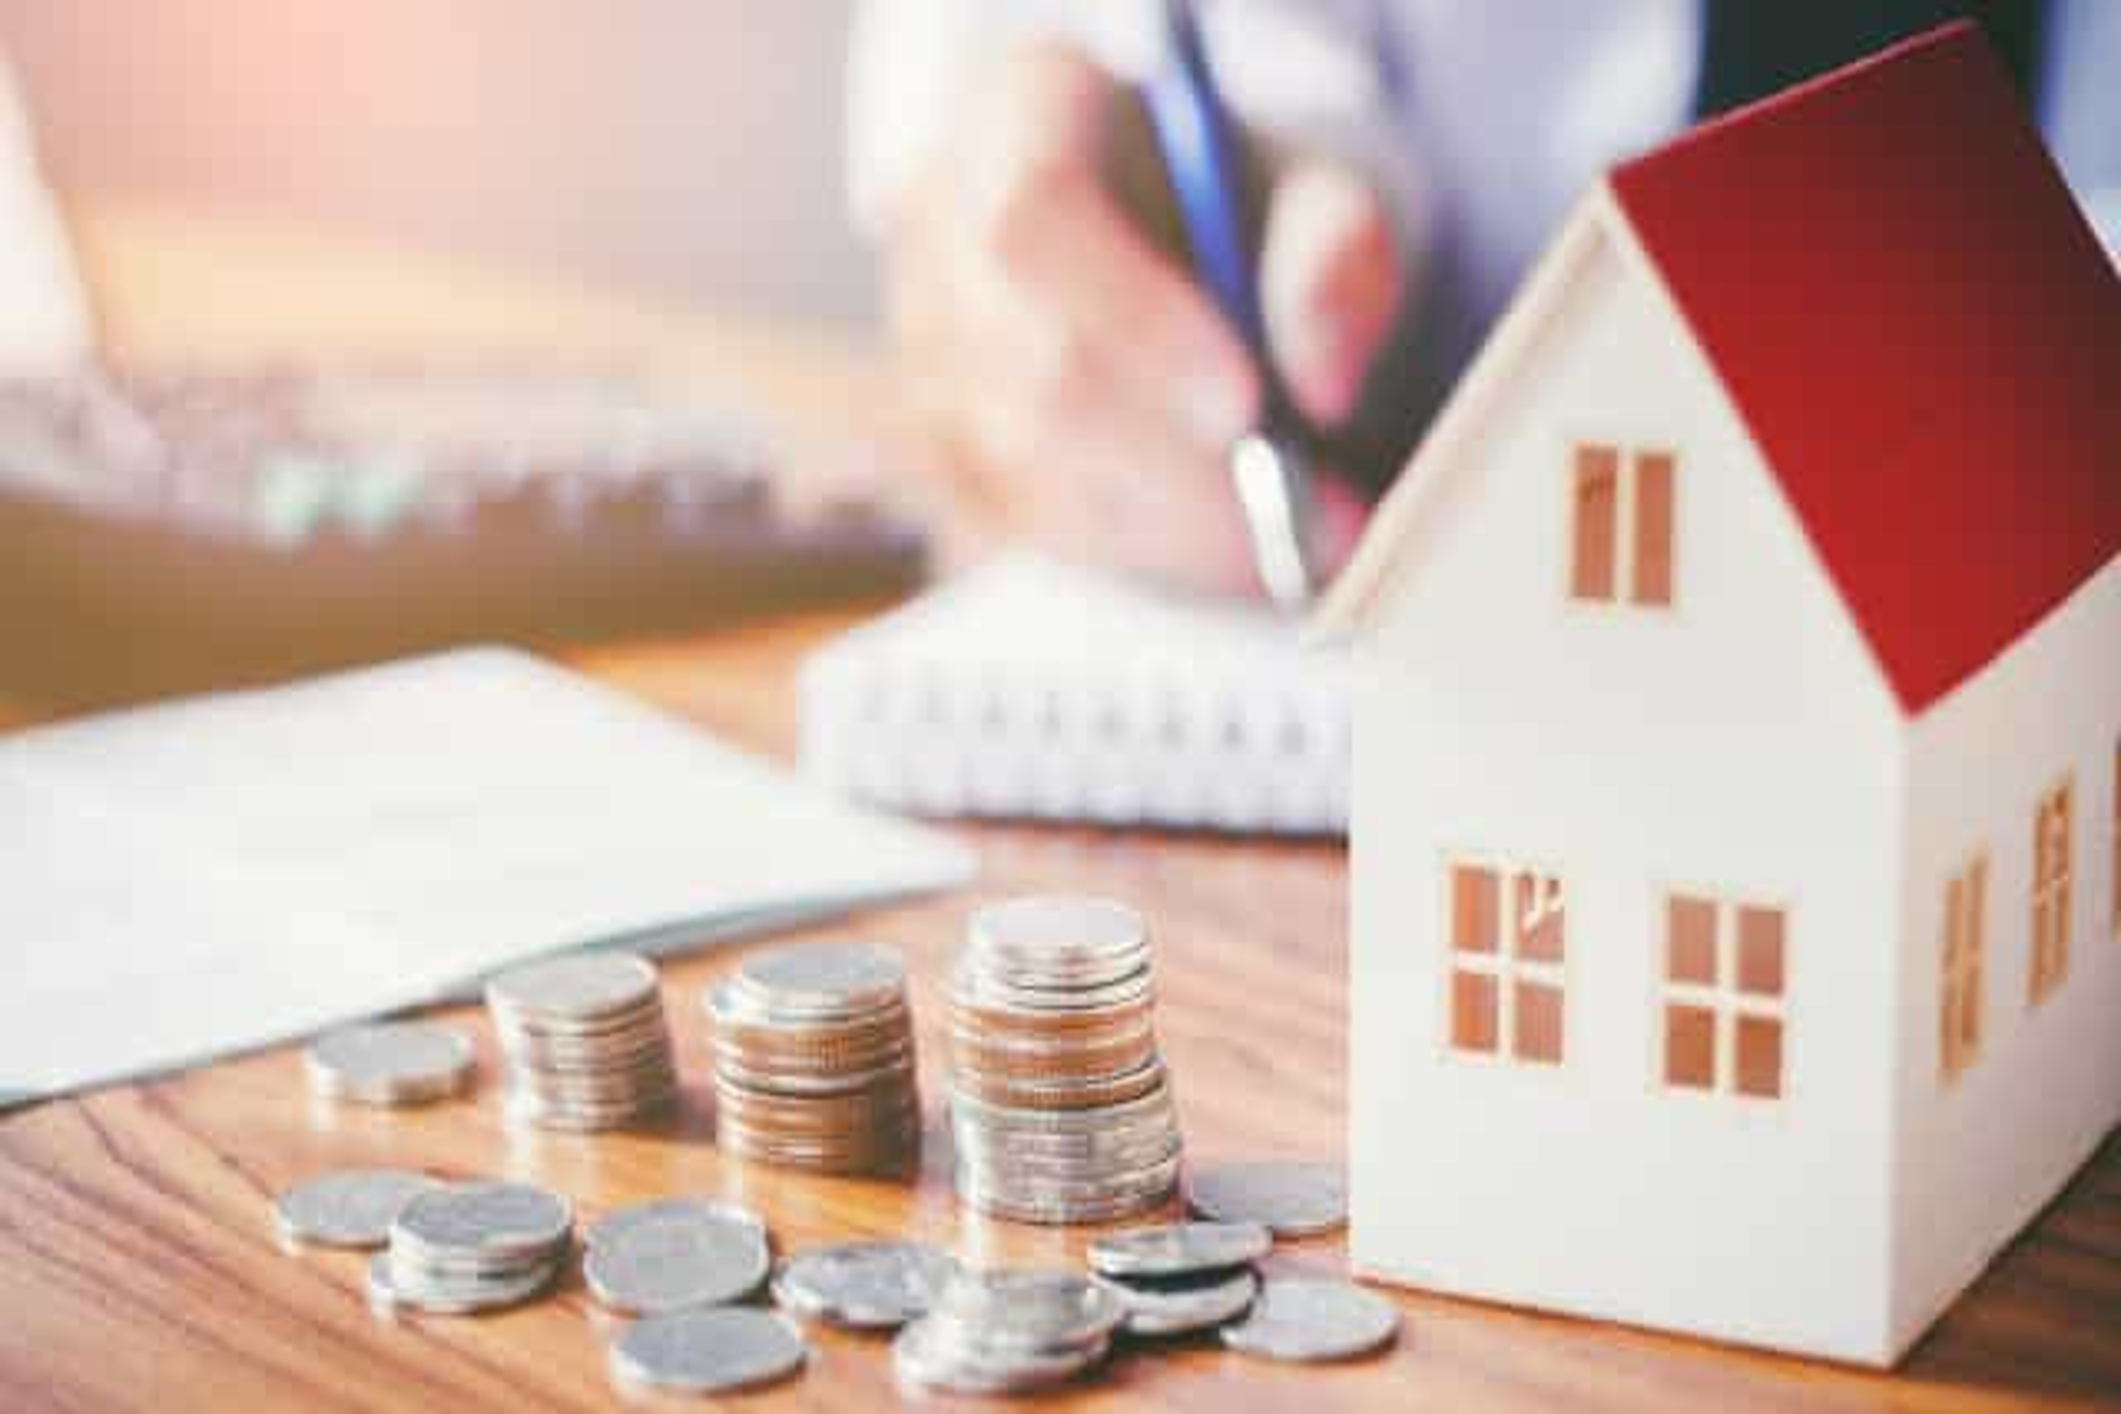 Condomínios desvalorizam impacto das novas regras do alojamento local